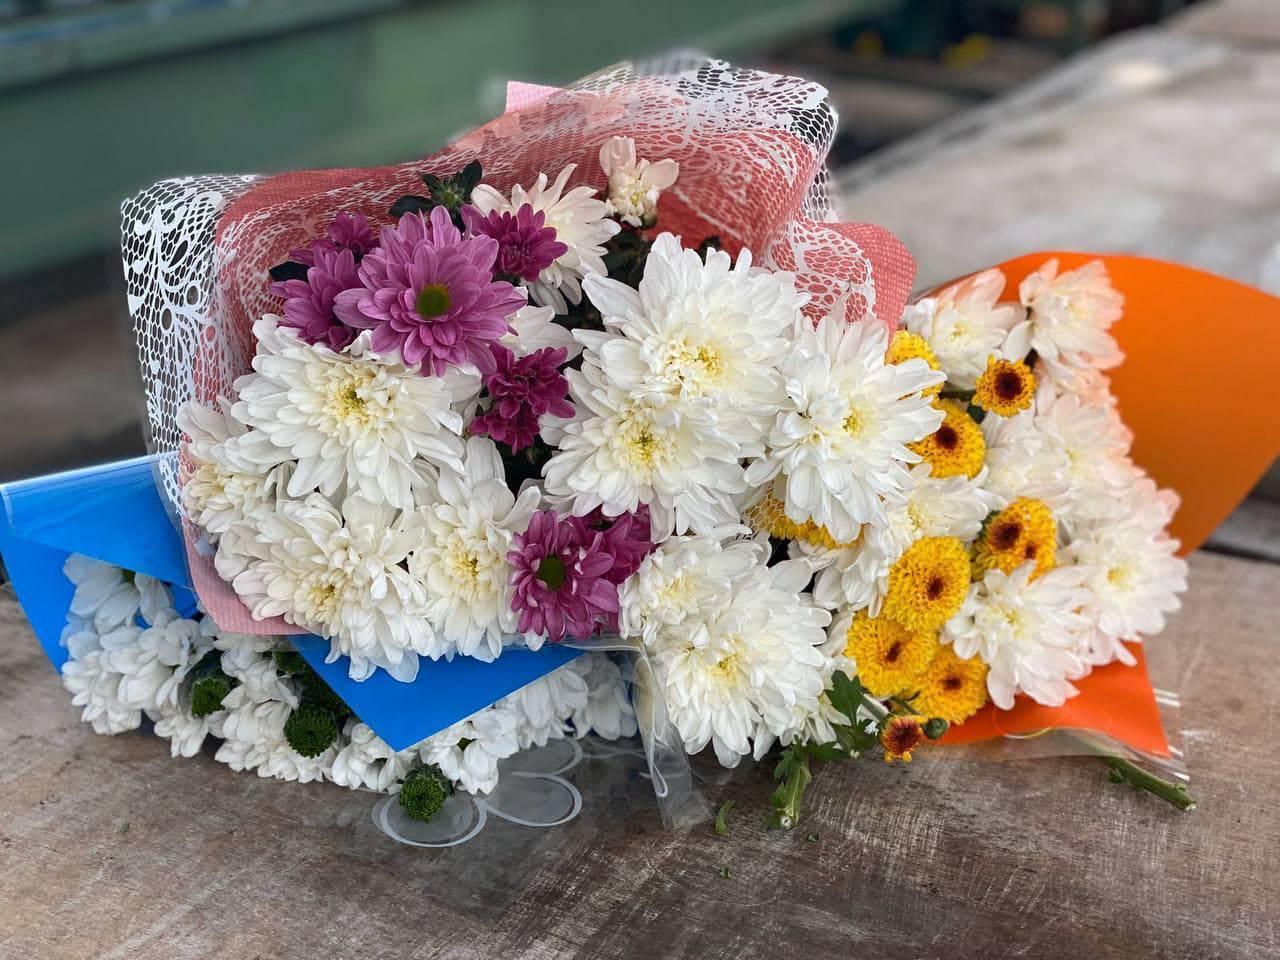 Цветы ко Дню знаний можно будет купить в 1,5 тысячи точках Подмосковья | Изображение 2